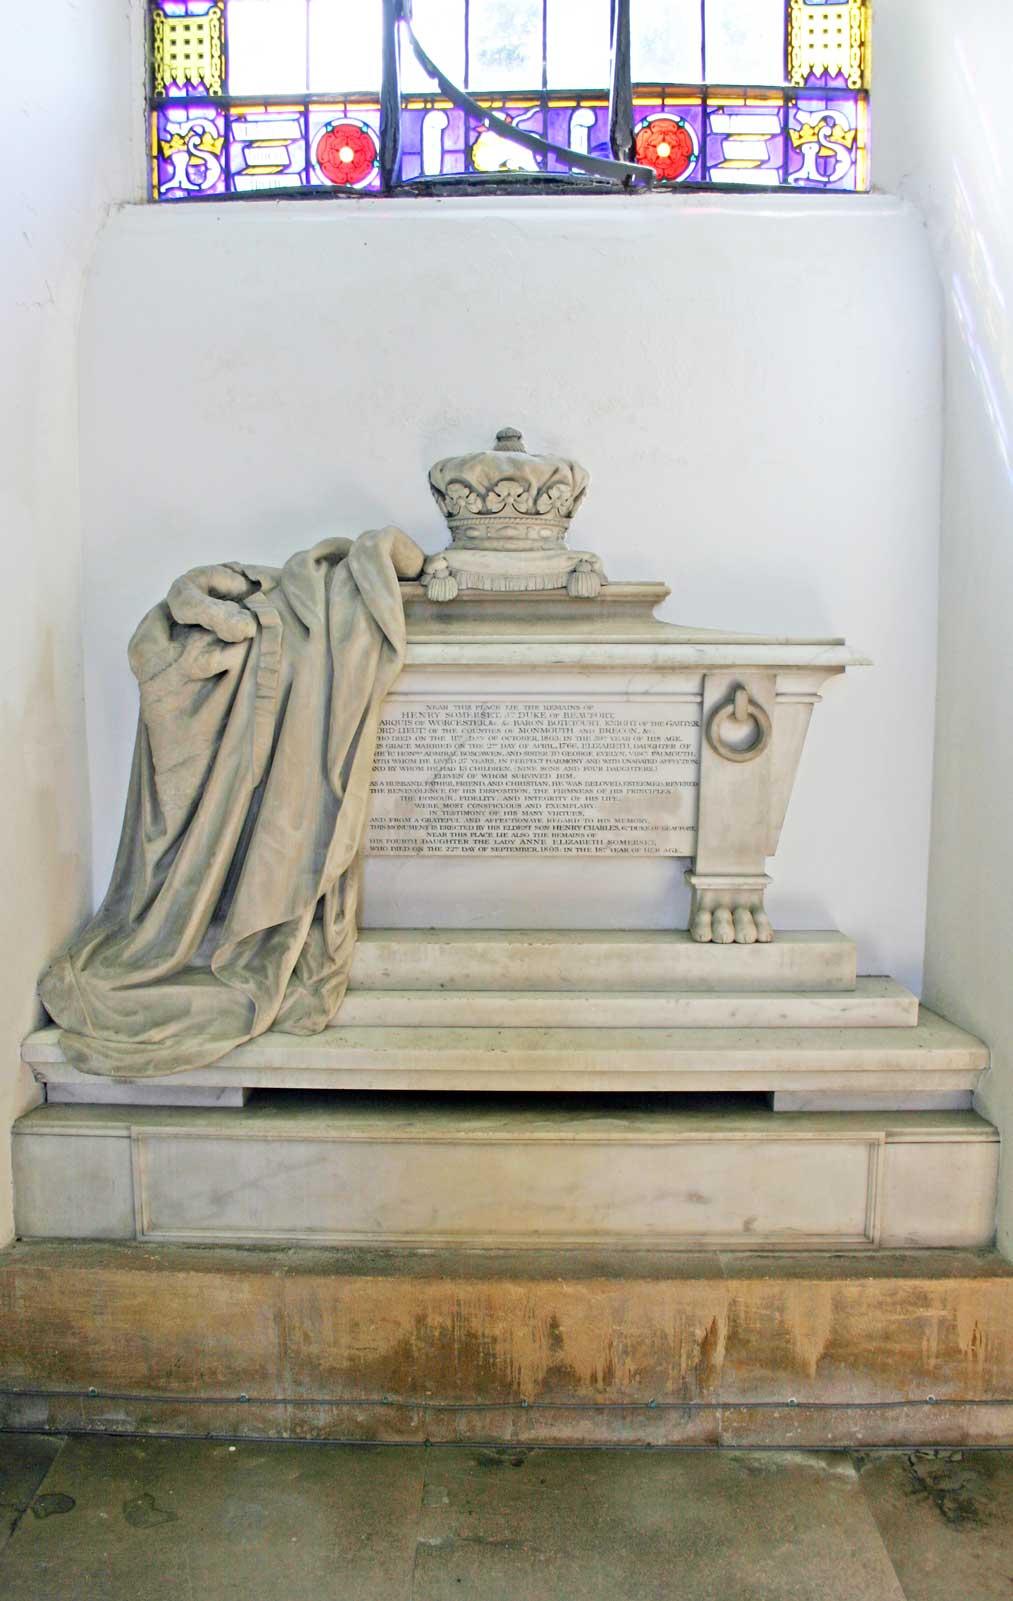 The 5th Duke of Beaufort's Memorial